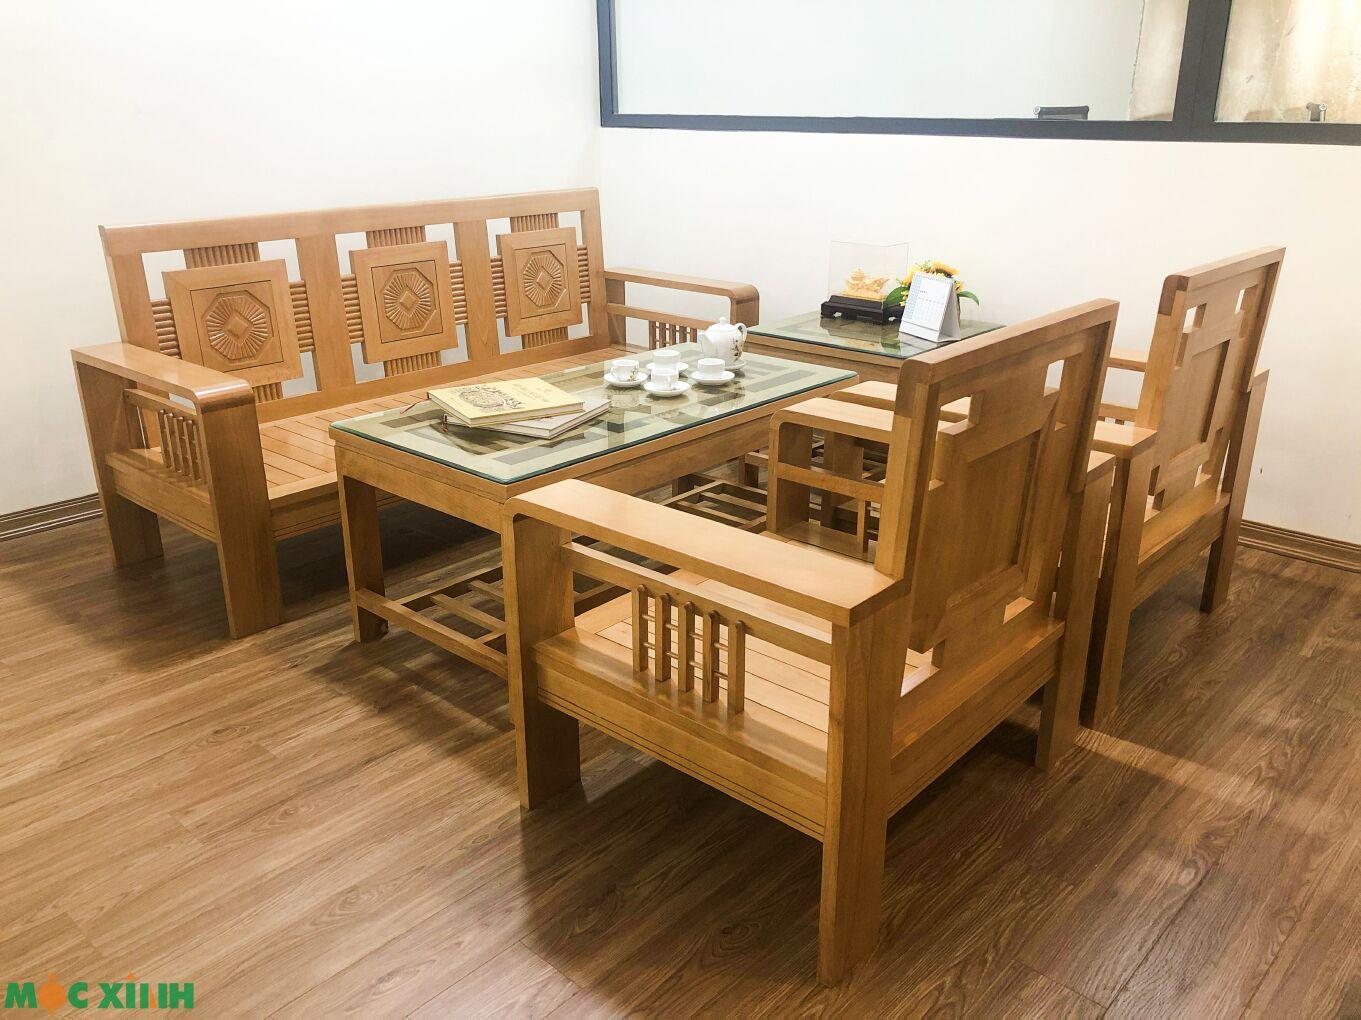 Mẫu bàn ghế phòng khách bằng gỗ sồi có thể dành làm nơi tiếp khách